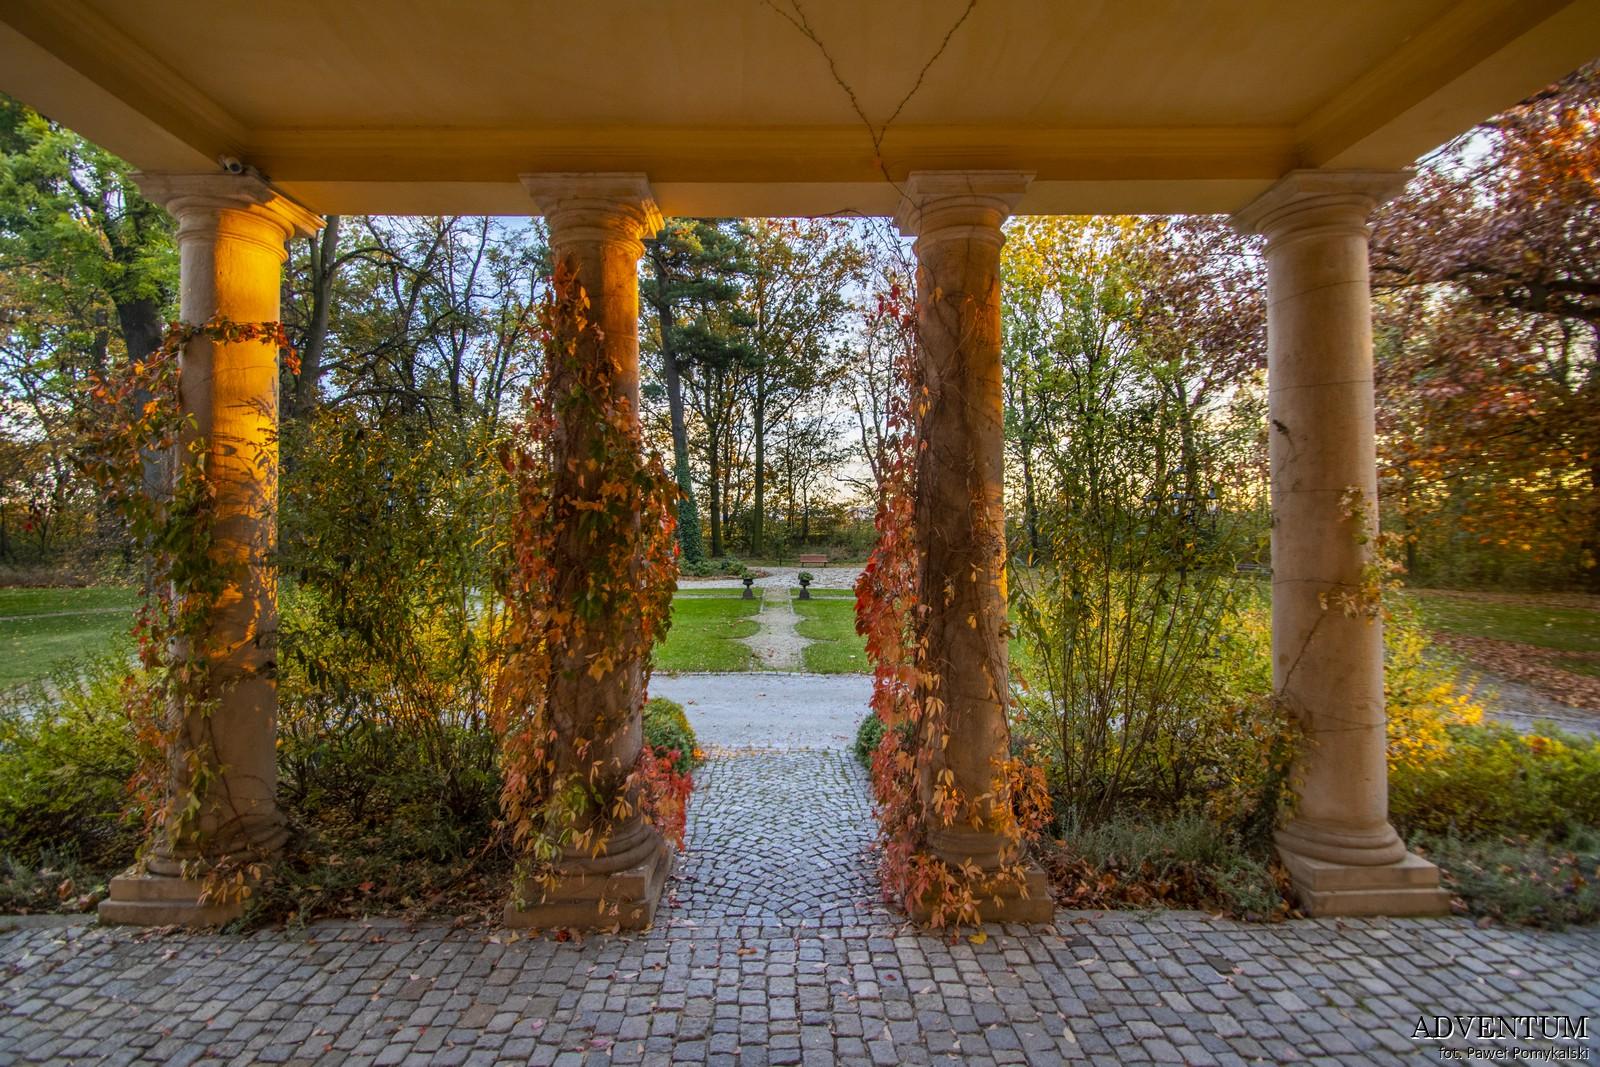 Gruszów pałac dolny śląsk świdnica hotel noclegi wnętrza apartament portal